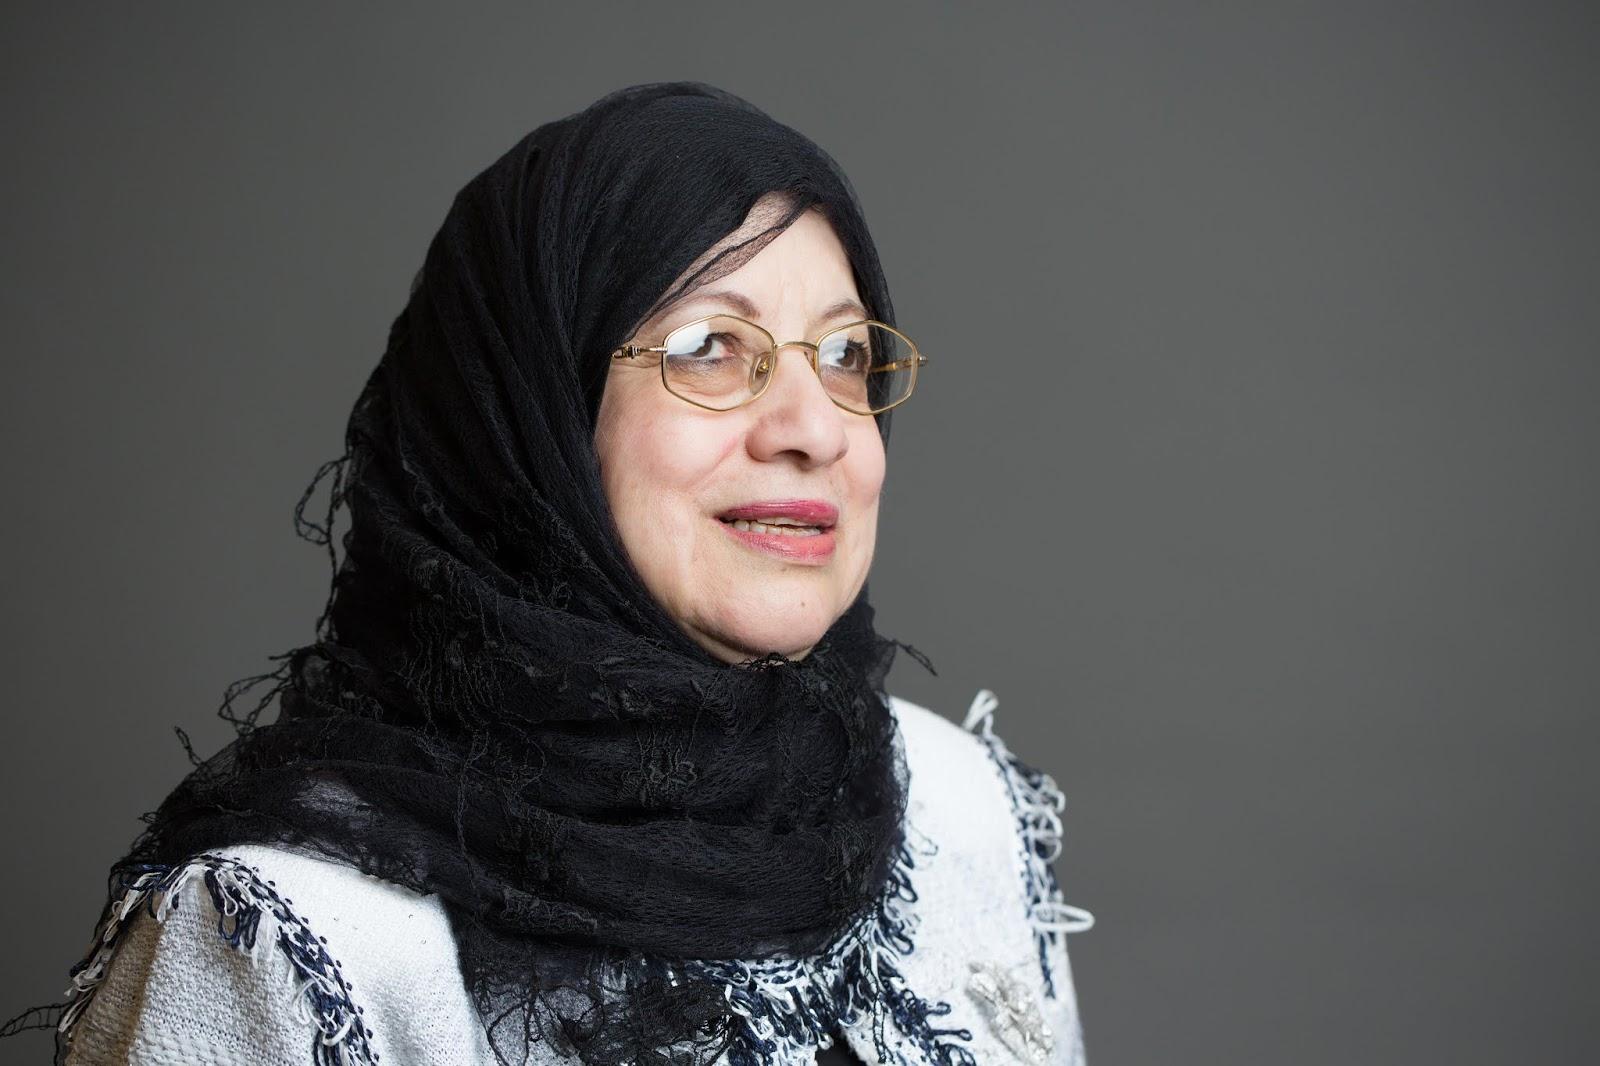 لجوء المراهقات السعوديات و…غياب حوار الآباء مع الأبناء(1)